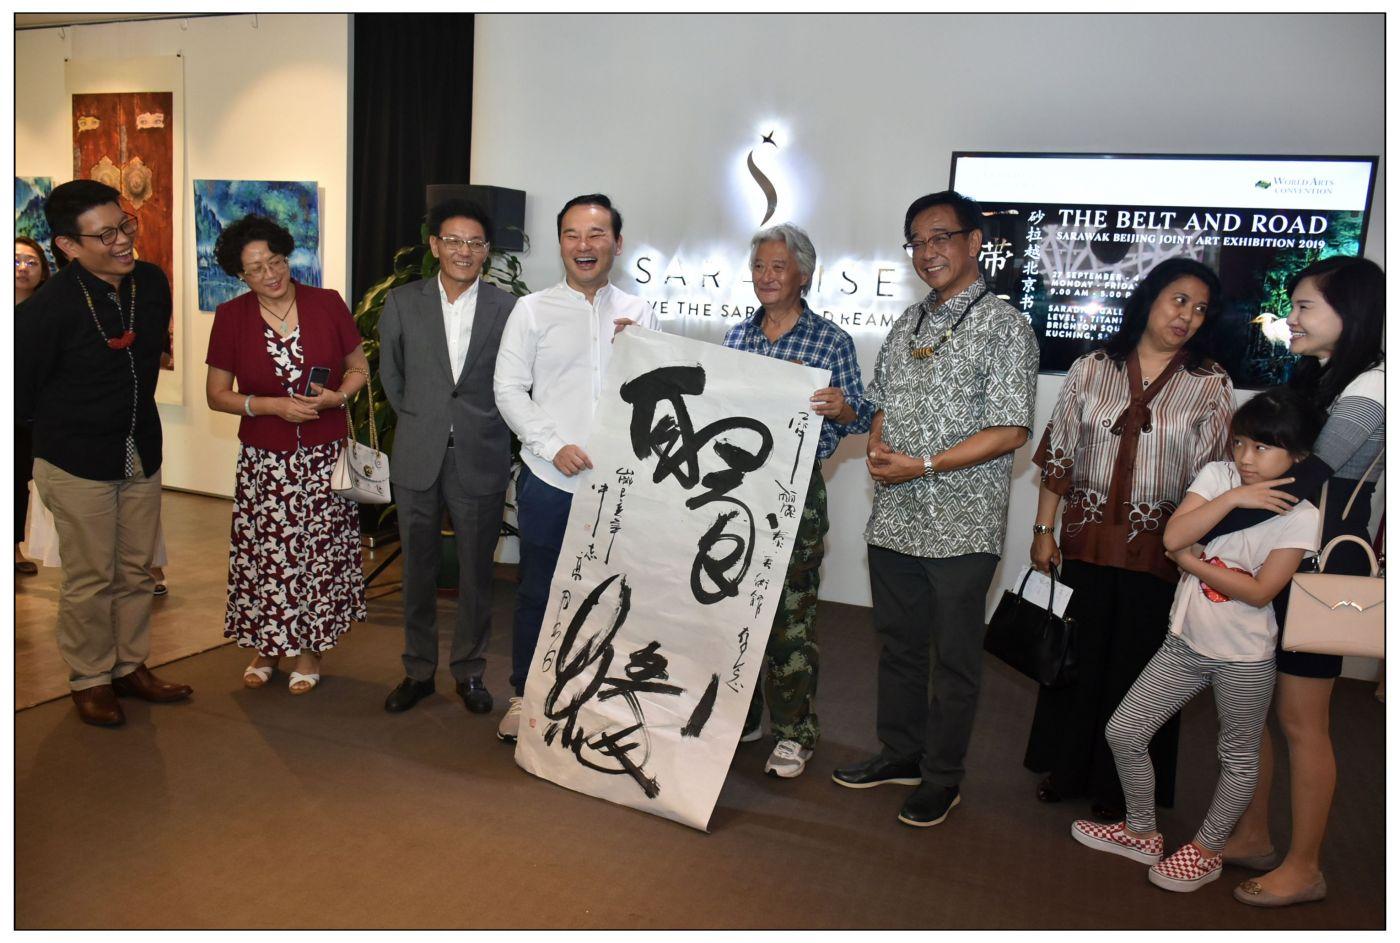 牛志高马来西亚画展掠影2019.10.01_图1-10